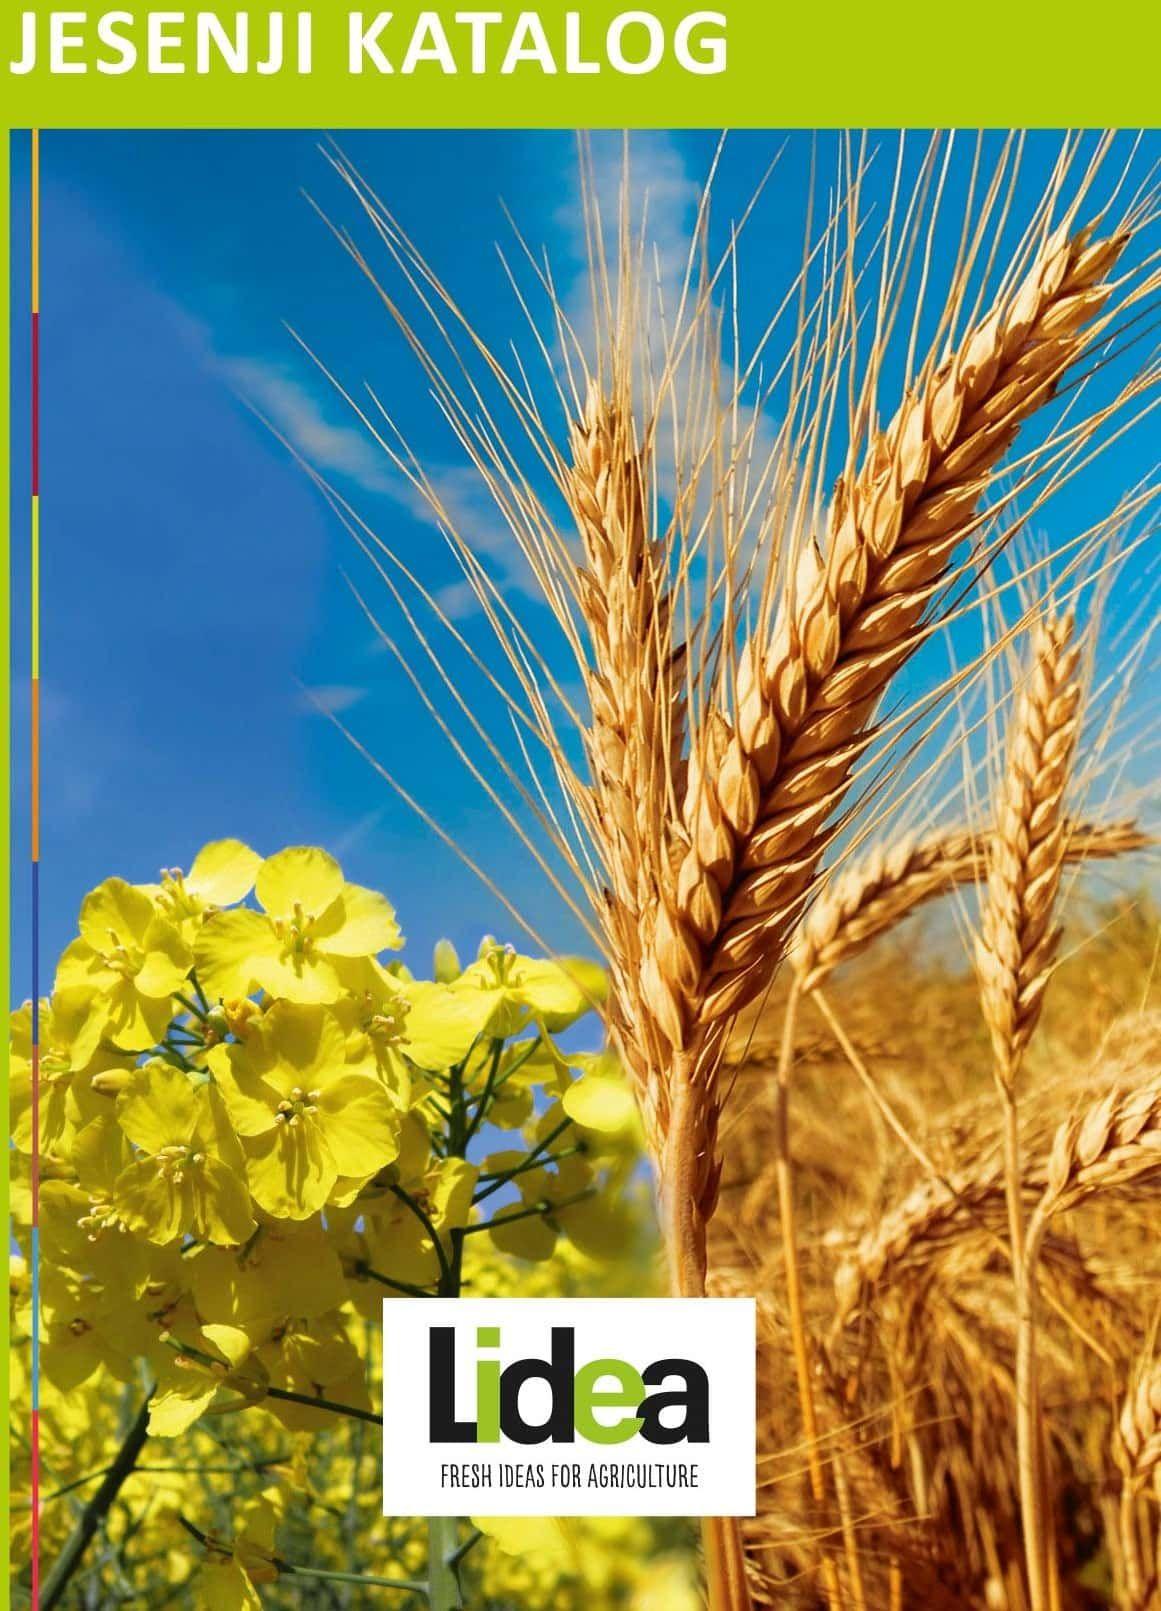 Katalog pšenice i uljane repice